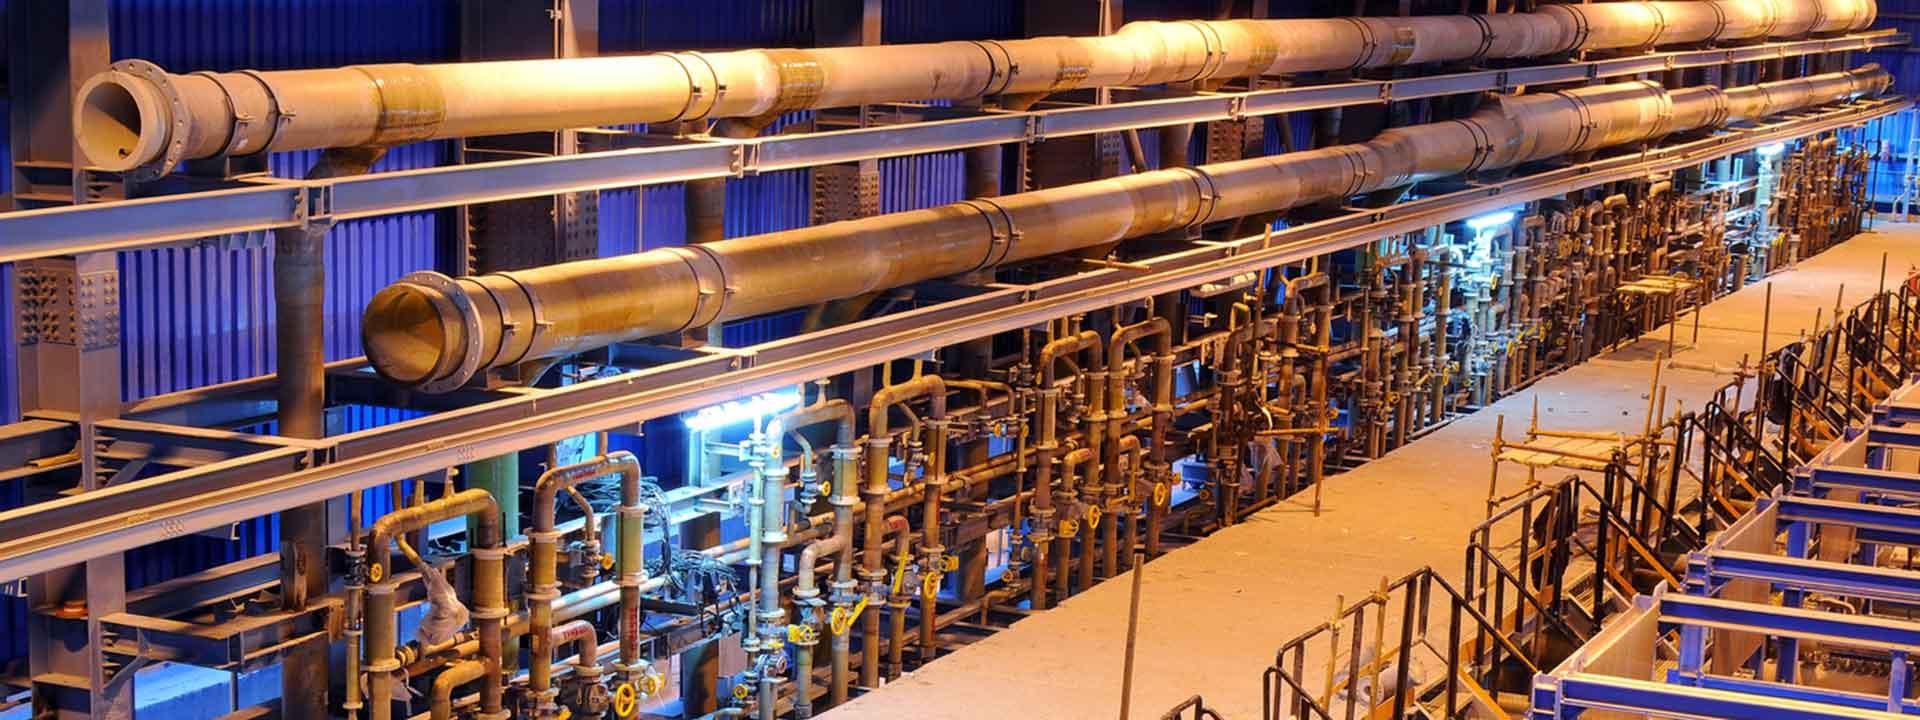 جامع ترین راه کارها در صنایع نفت، پالایش و پتروشیمی